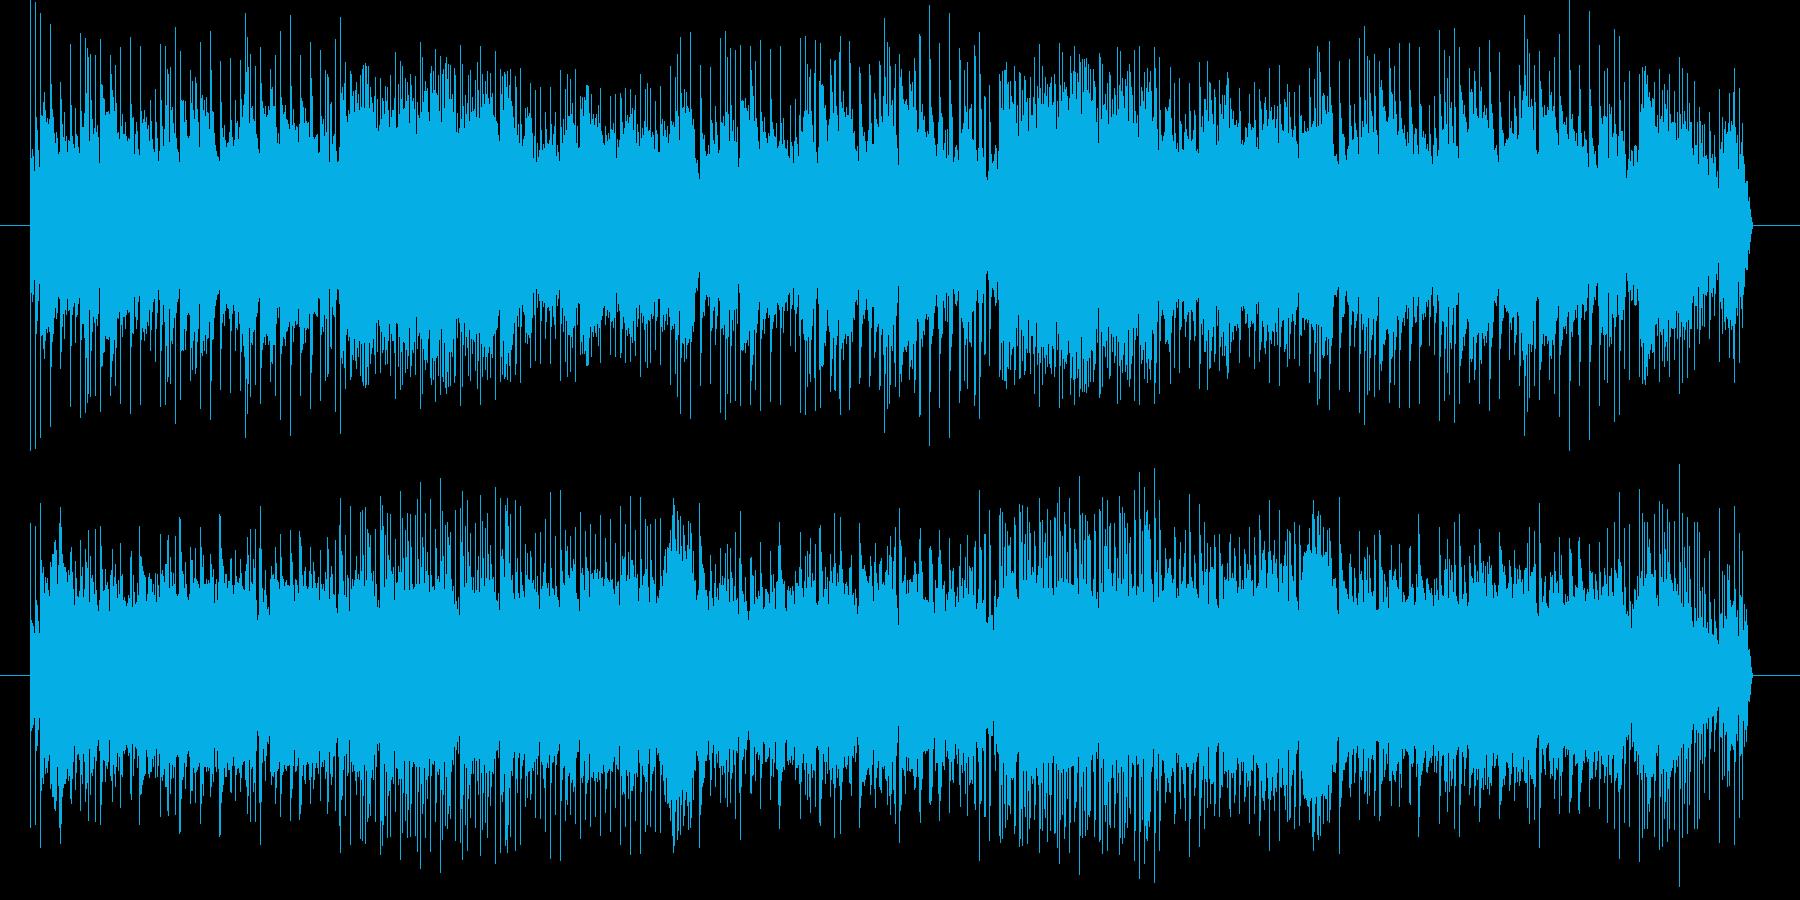 40秒のループBGMです。和風恋愛ゲー…の再生済みの波形